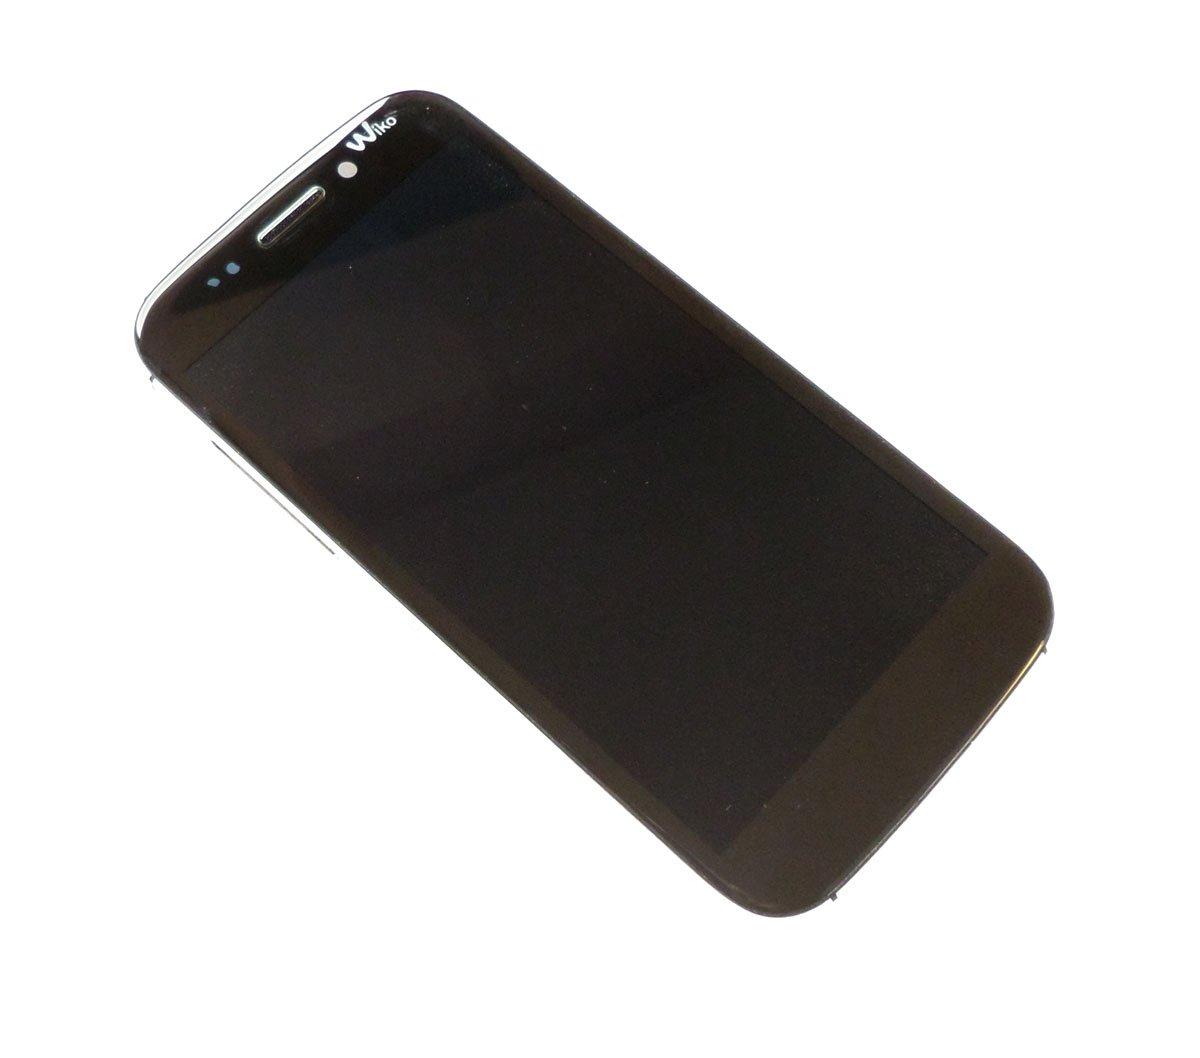 Ecran LCD et tactile assemblés sur châssis noir pour Wiko Stairway